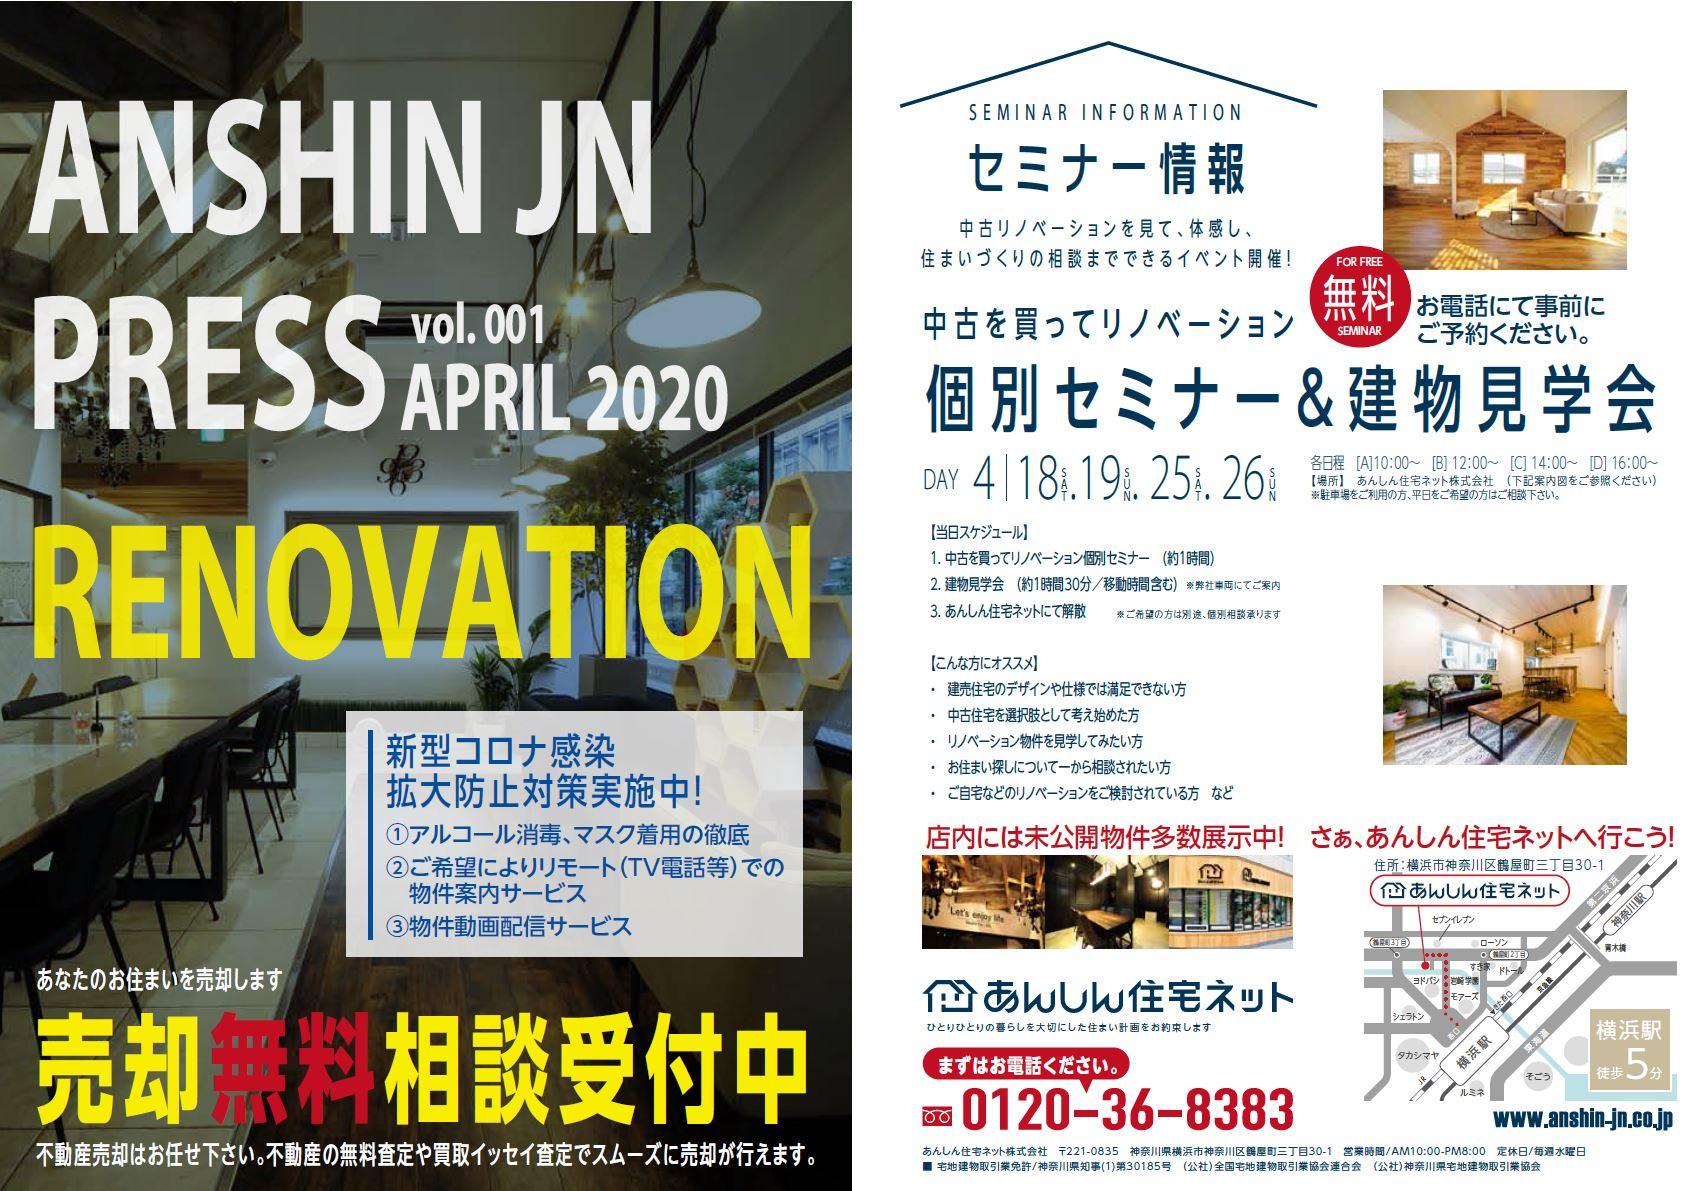 【無料・1日4回開催】個別セミナー&建物見学会 4/26(日)14時~